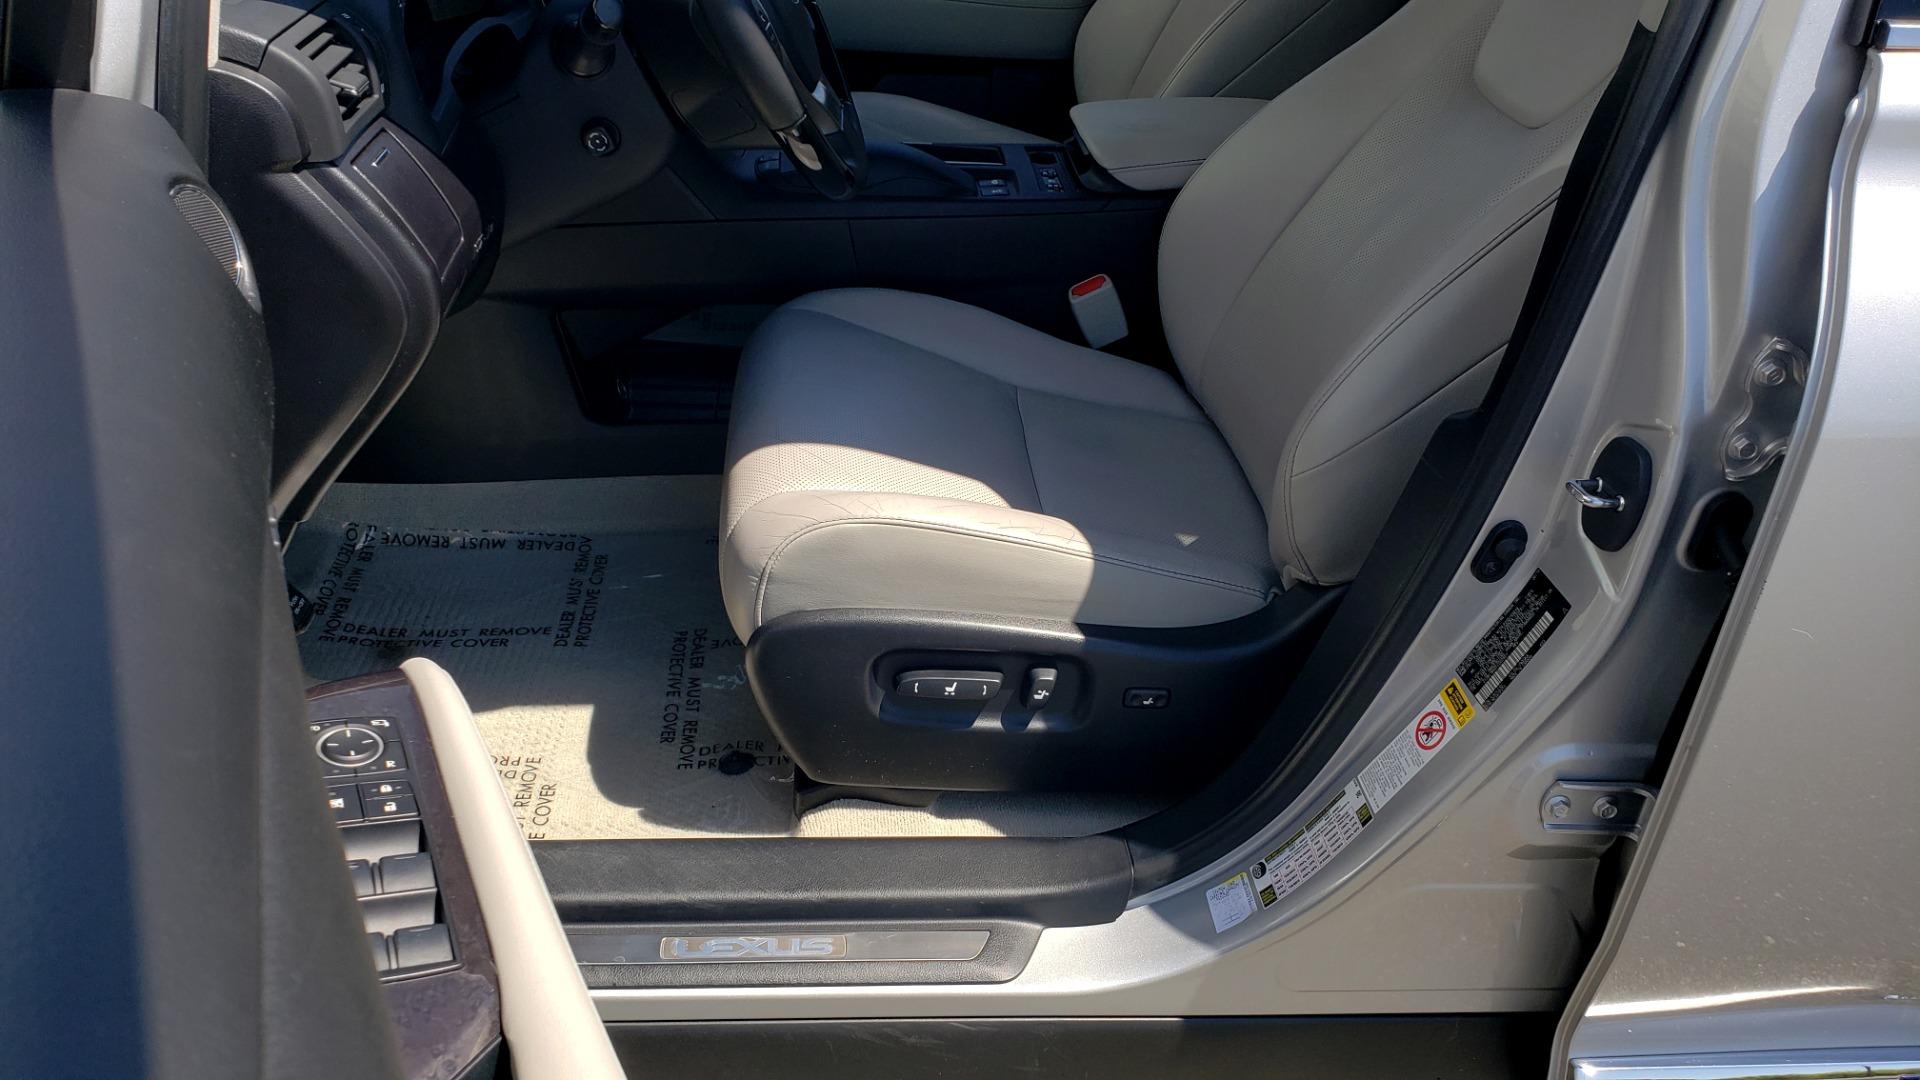 Used 2015 Lexus RX 450H AWD / PREM PKG / NAV / PARK ASST / HUD / BLIND SPOT MONITOR for sale Sold at Formula Imports in Charlotte NC 28227 35